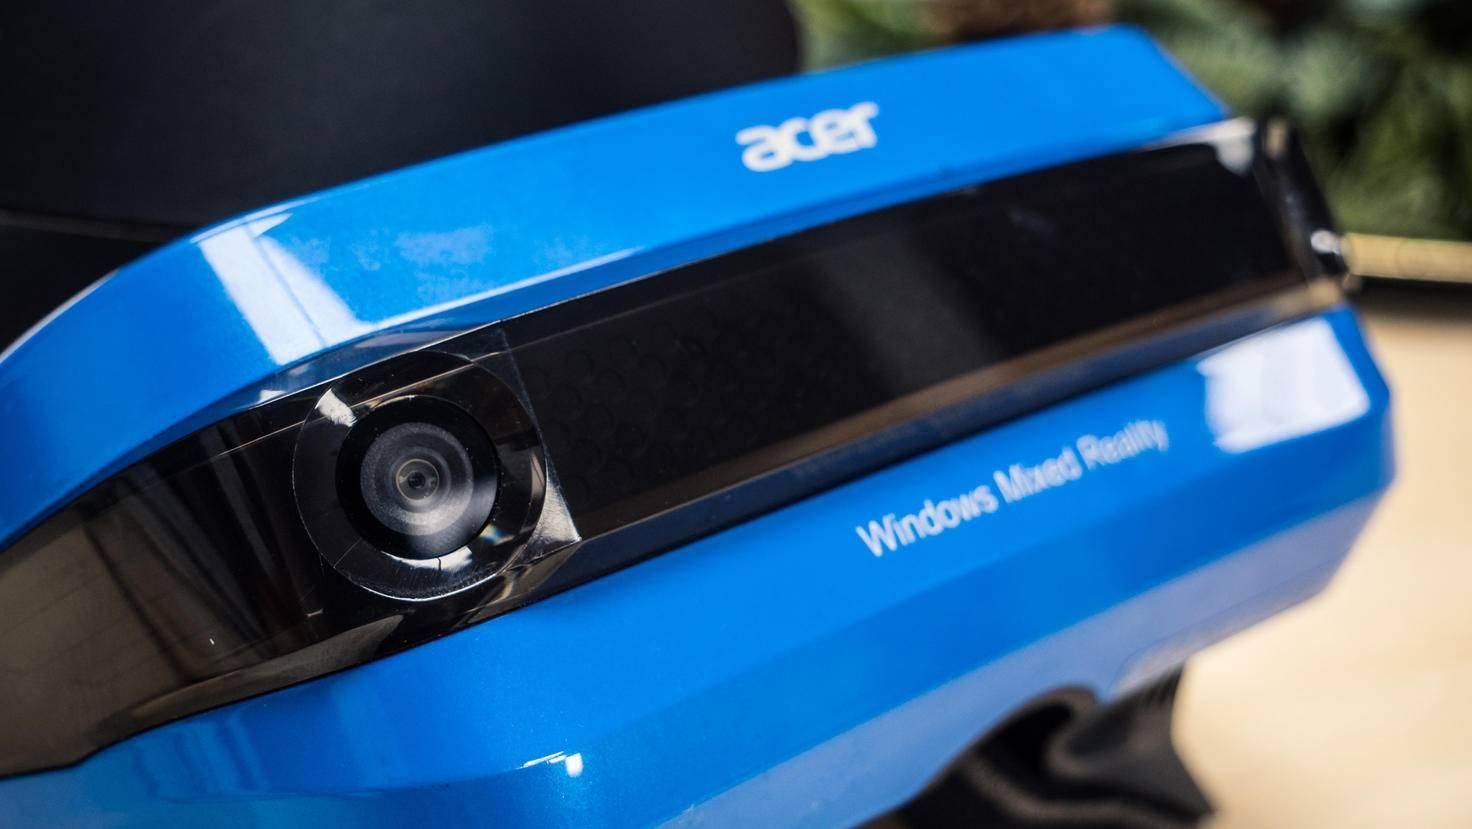 Das Headset von Acer besticht durch seine auffällige blaue Farbe.